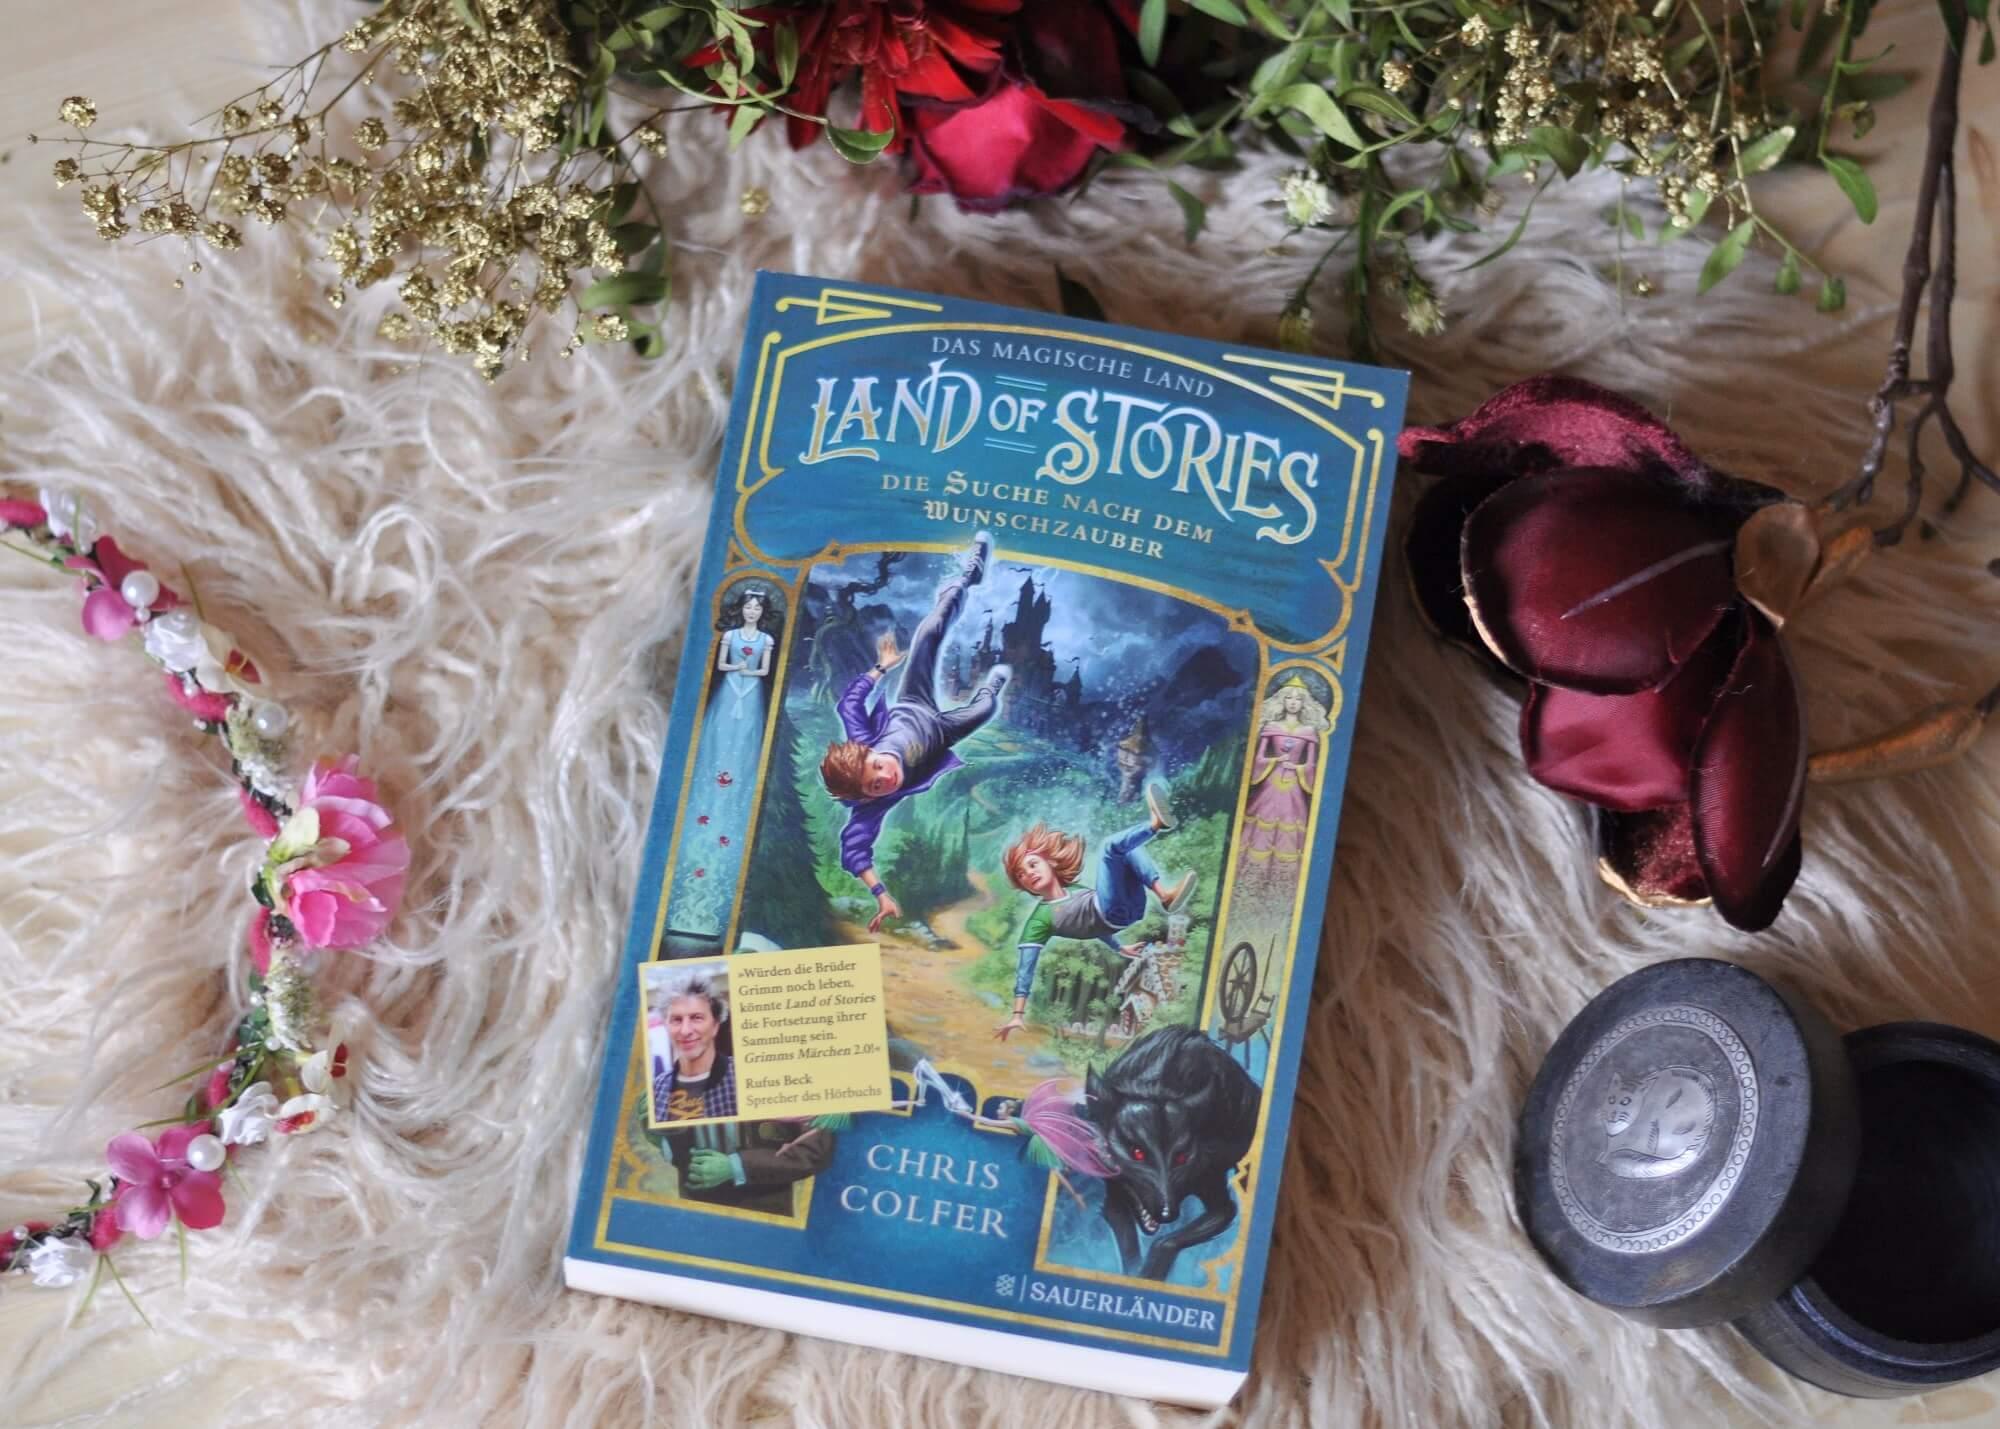 Must-Have für Märchenfans ab 10 Jahren - Land of Stories - Die Suche nach dem Wunschzauber ist der Auftakt einer märchenhaften Odysee zweier Kinder. Und das beste: Es wird verfilmt! #märchen #kinderbuch #lesen #verfilmung